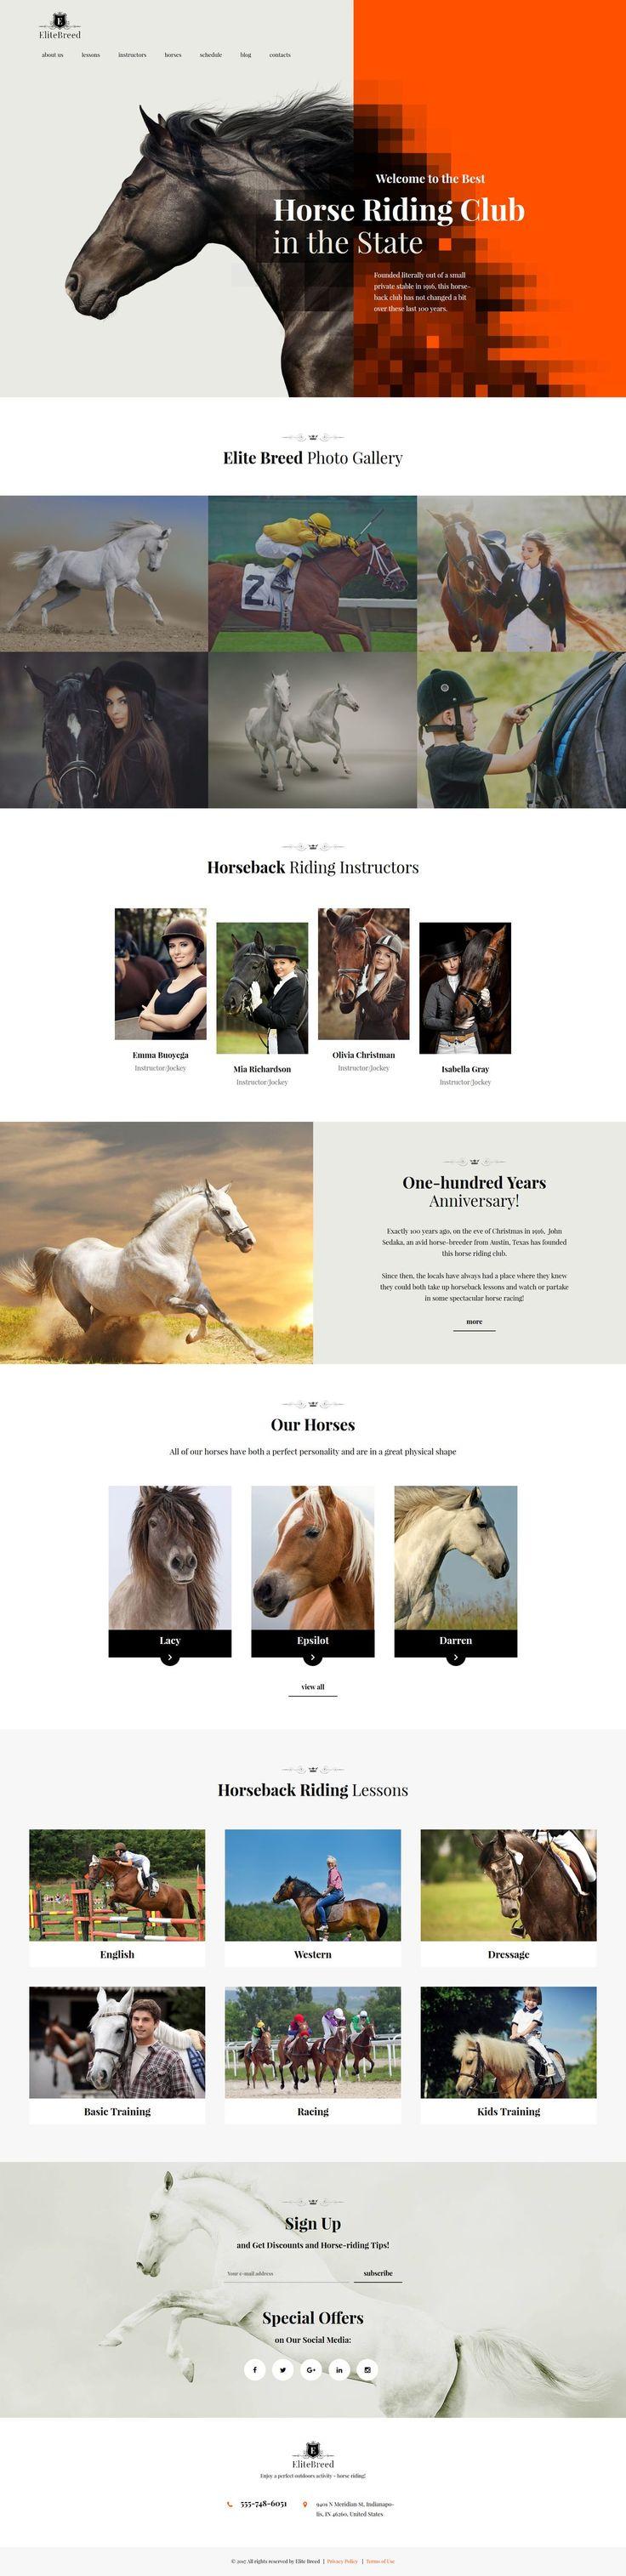 Horse Racing WordPress Theme - https://www.templatemonster.com/wordpress-themes/60085.html Está farto de procurar por templates WordPress? Fizemos um E-Book GRATUITO com OS 150 MELHORES TEMPLATES WORDPRESS. Clique aqui http://www.estrategiadigital.pt/150-melhores-templates-wordpress/ para fazer download imediato!